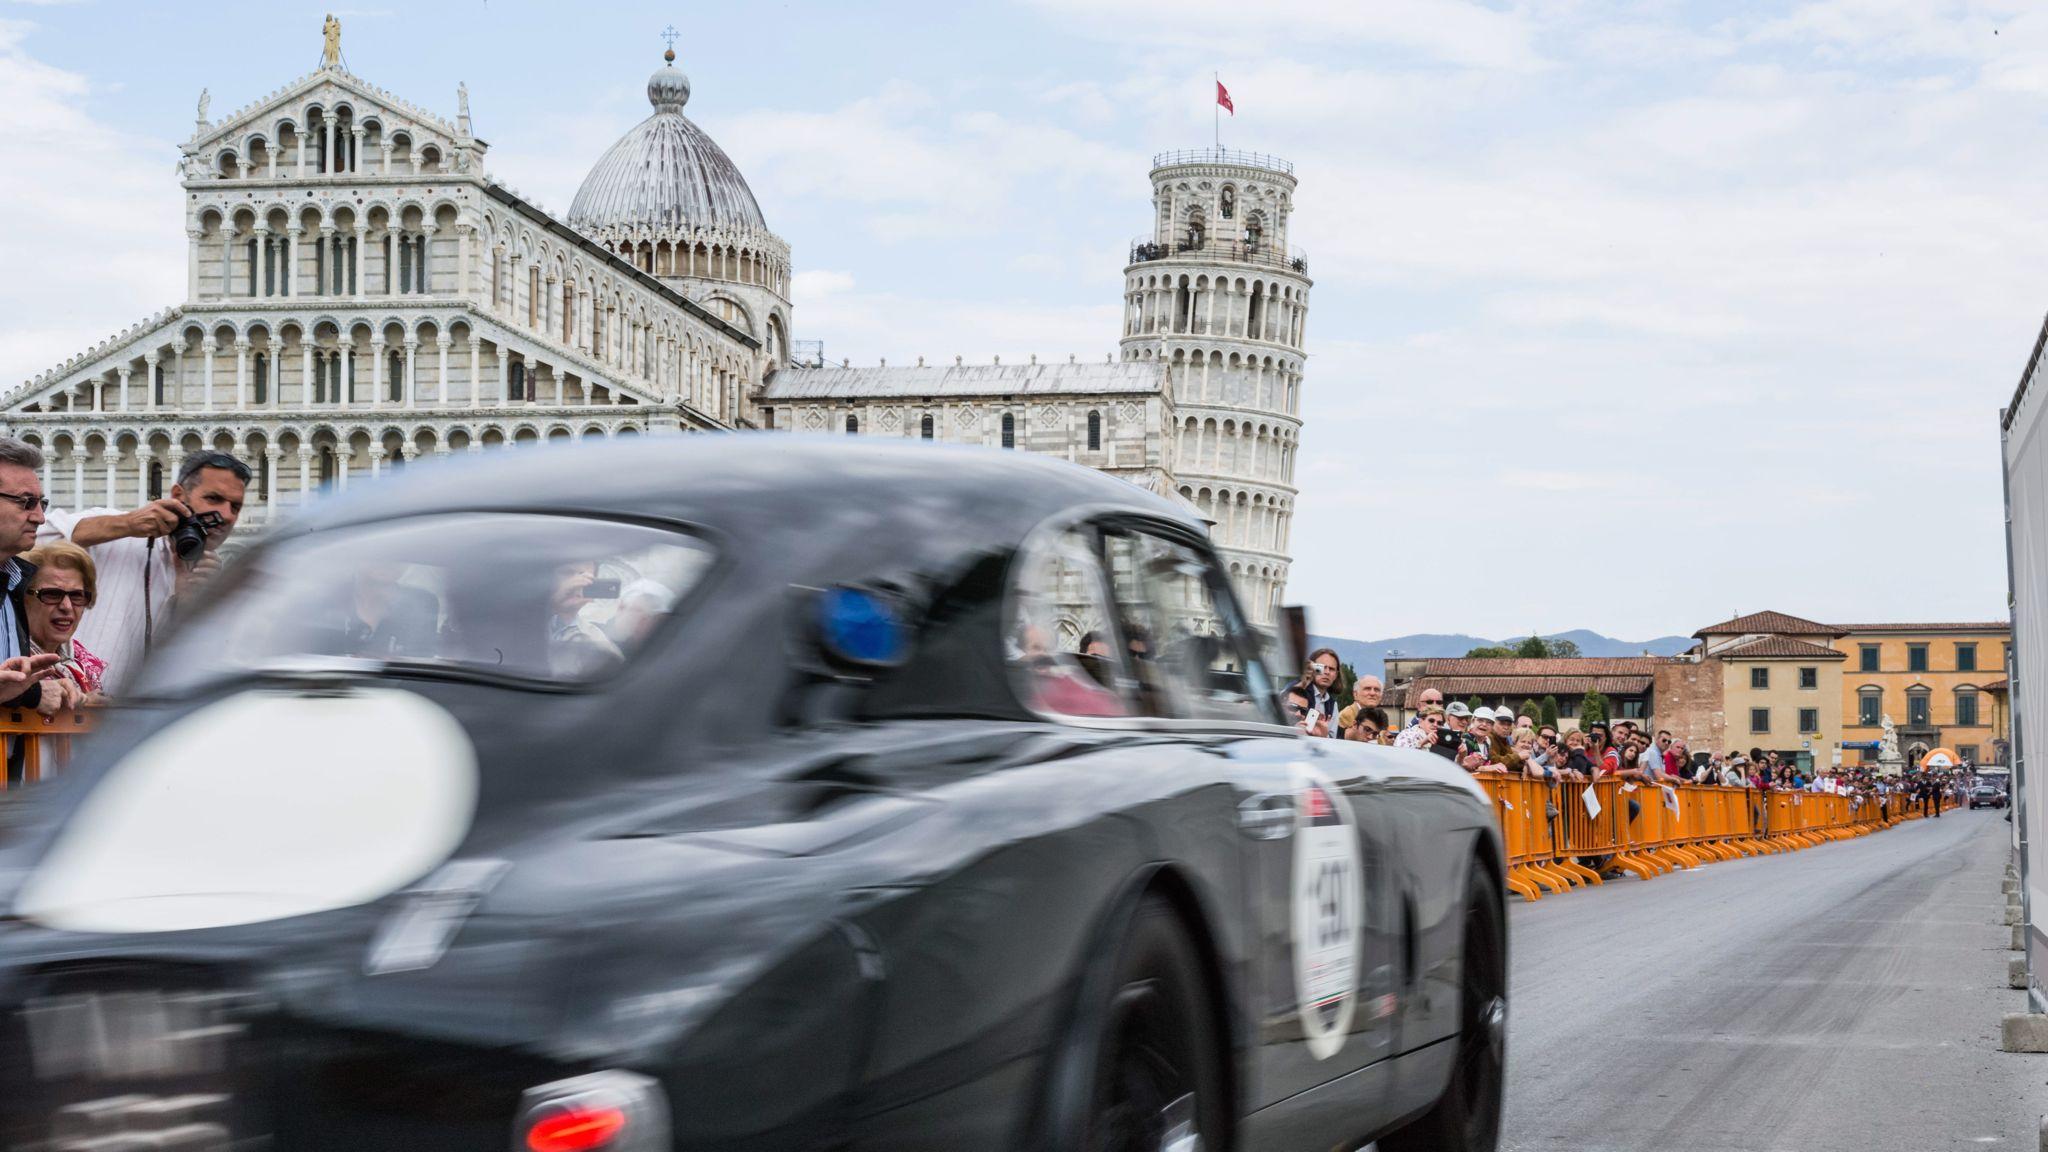 L1001142 - Hyundai i10 mit LPG-Autogas: Sparsamer Kleinwagen gegen die Konkurrenz von VW